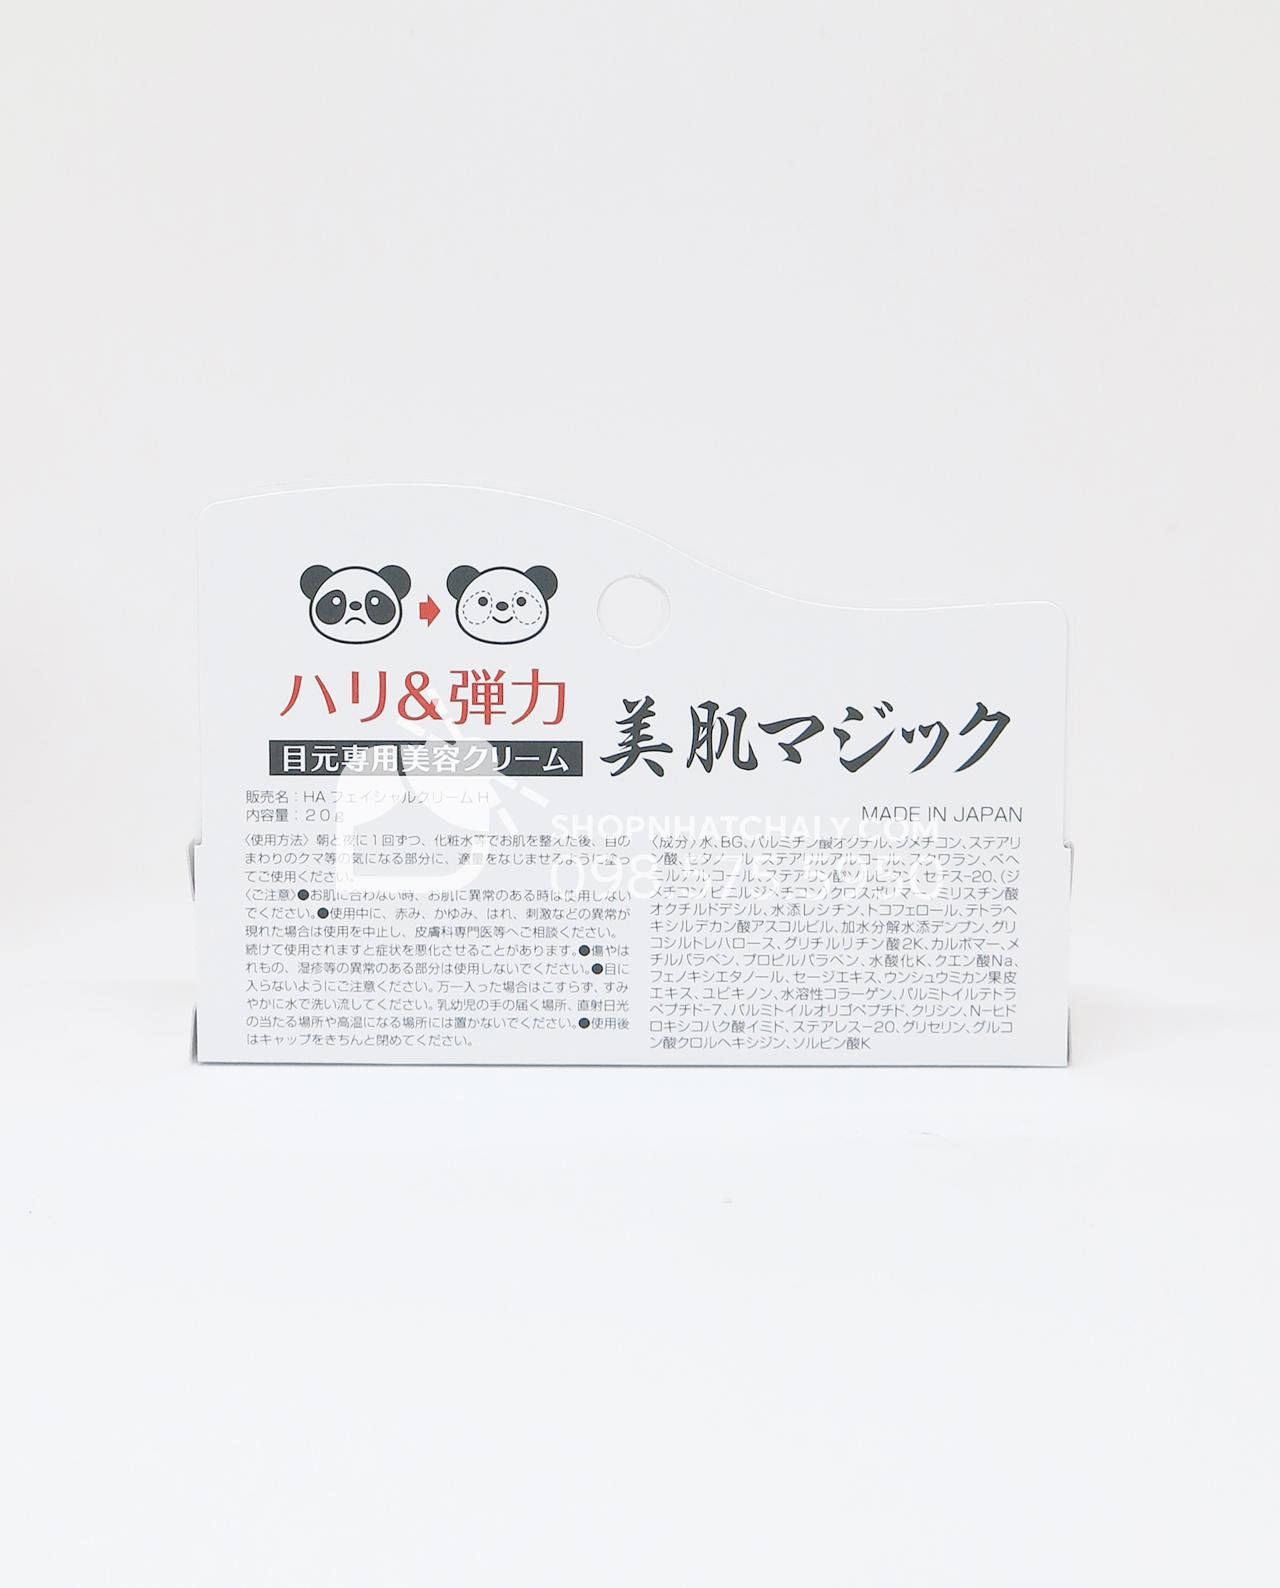 Kem trị thâm quầng mắt Kumargic Eye Nhật 20gr - mẫu mới thông tin sản phẩm được in phía sau hộp sản phẩm